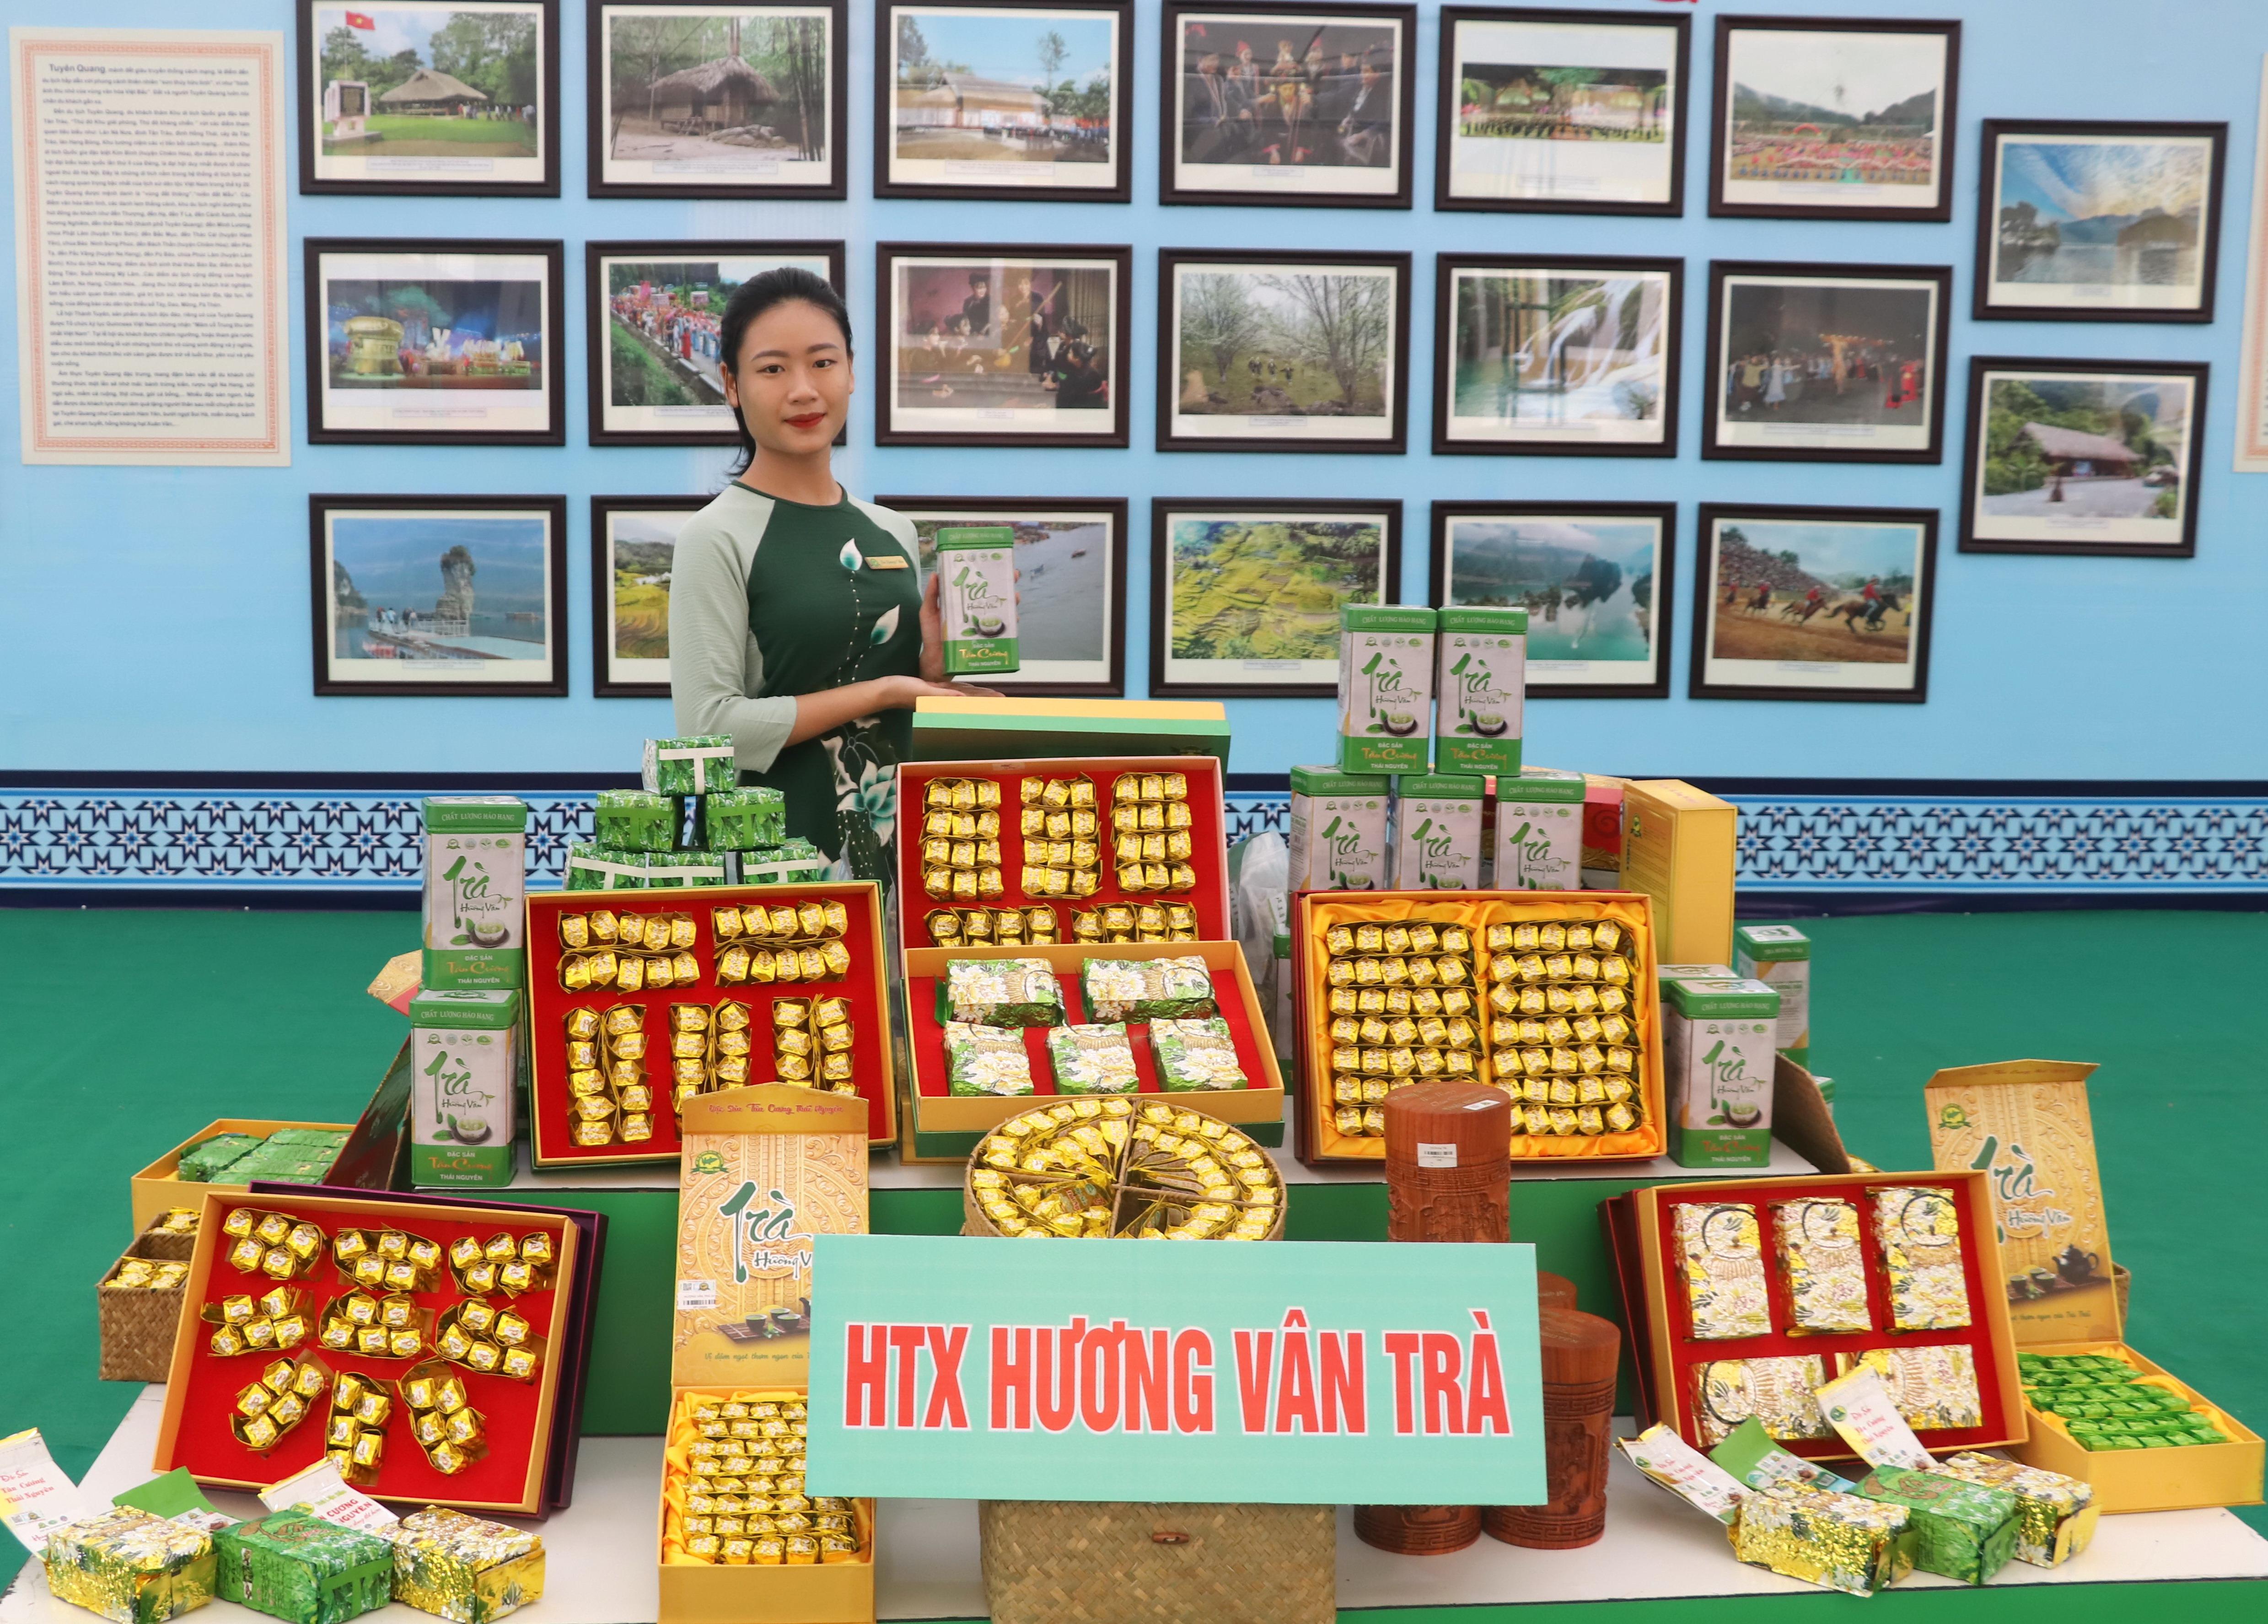 Giới thiệu sản phẩm đặc sản chè của Thái Nguyên tại không gian triển lãm